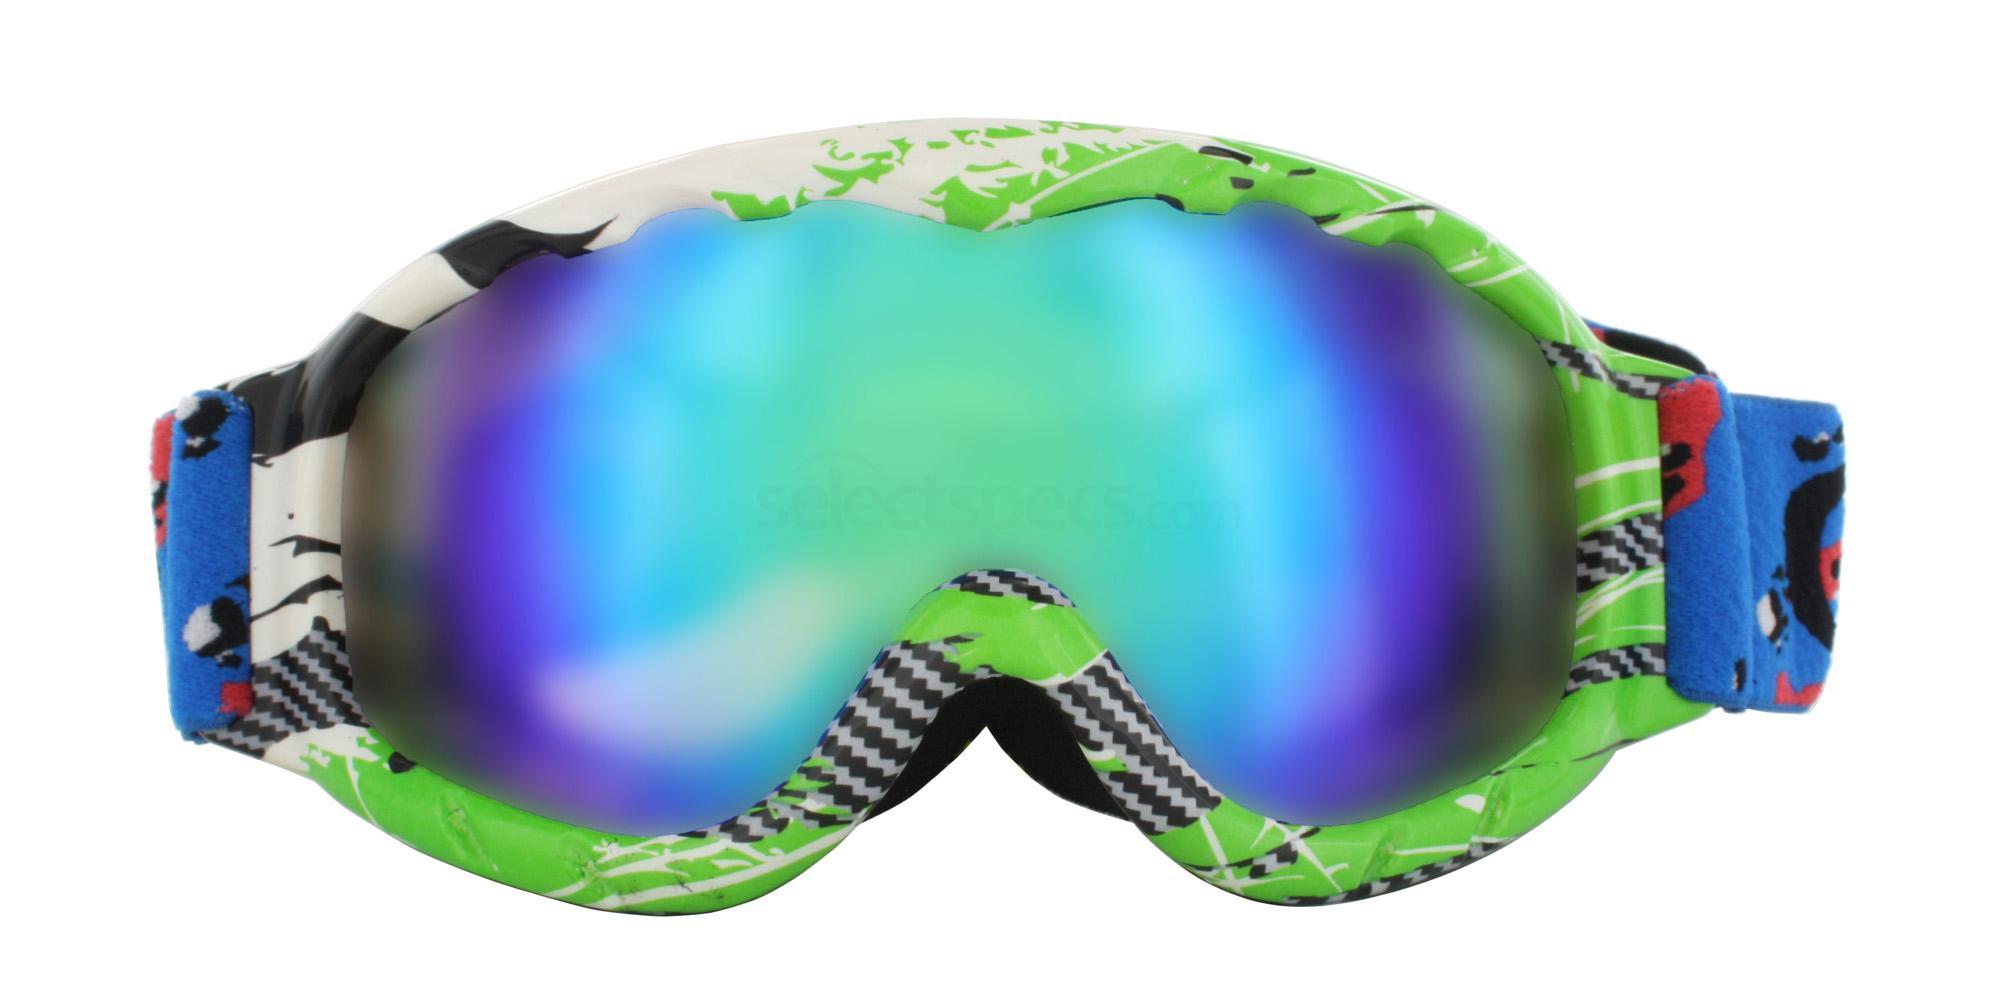 Green White Black H035 Ski Goggles, Aero